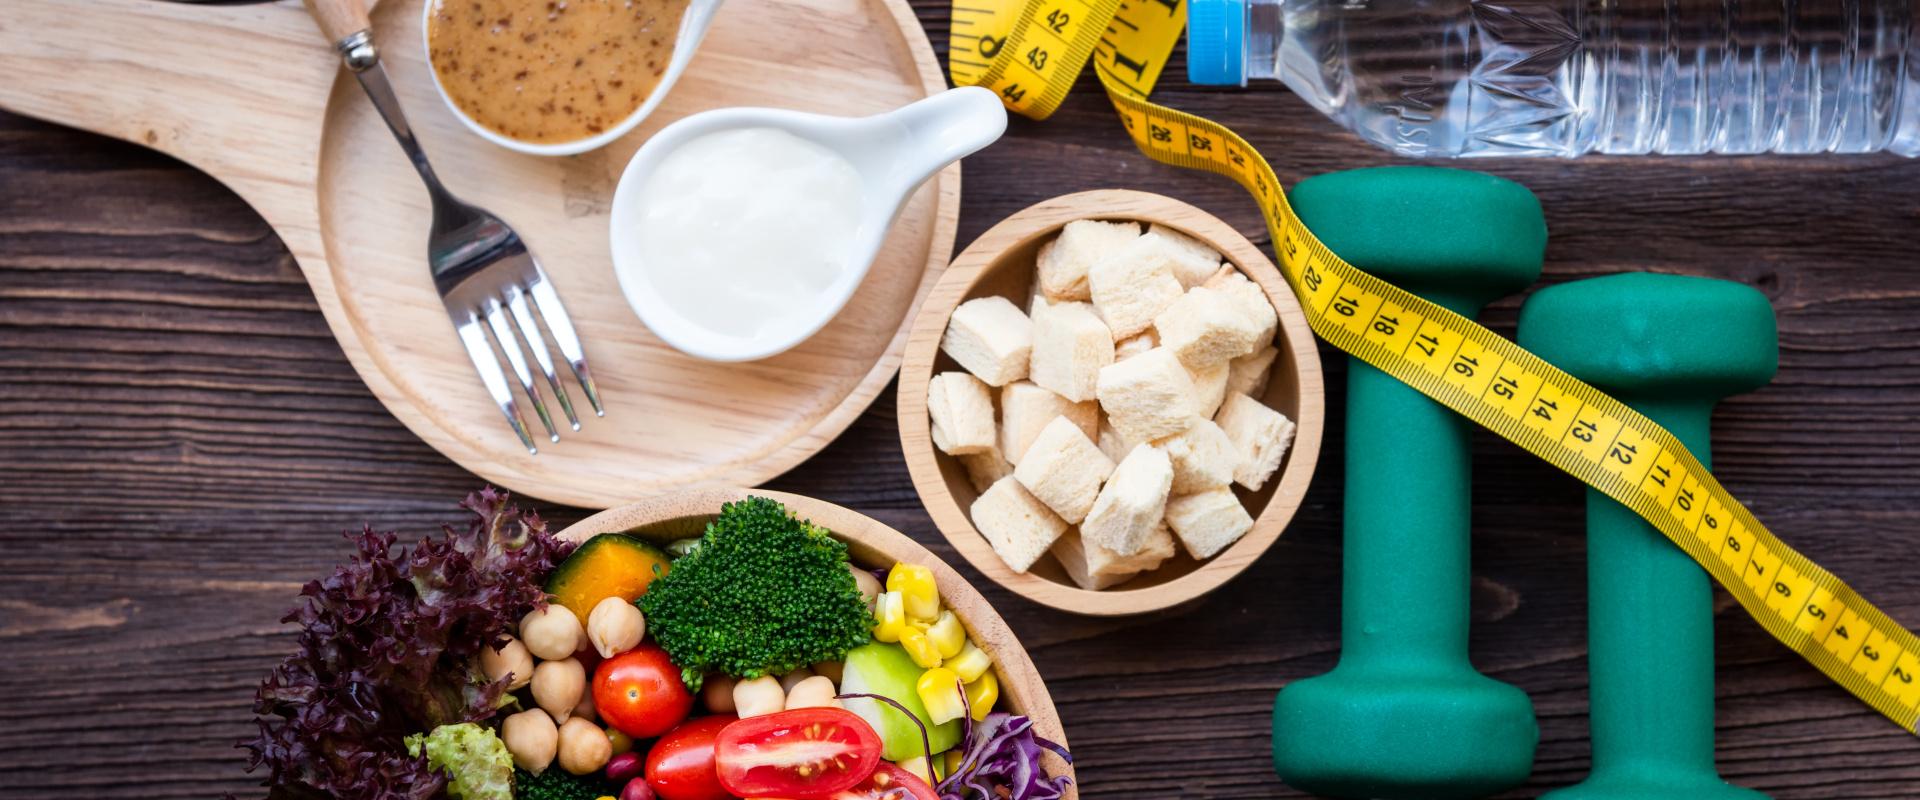 kalóriaszámlálás cover